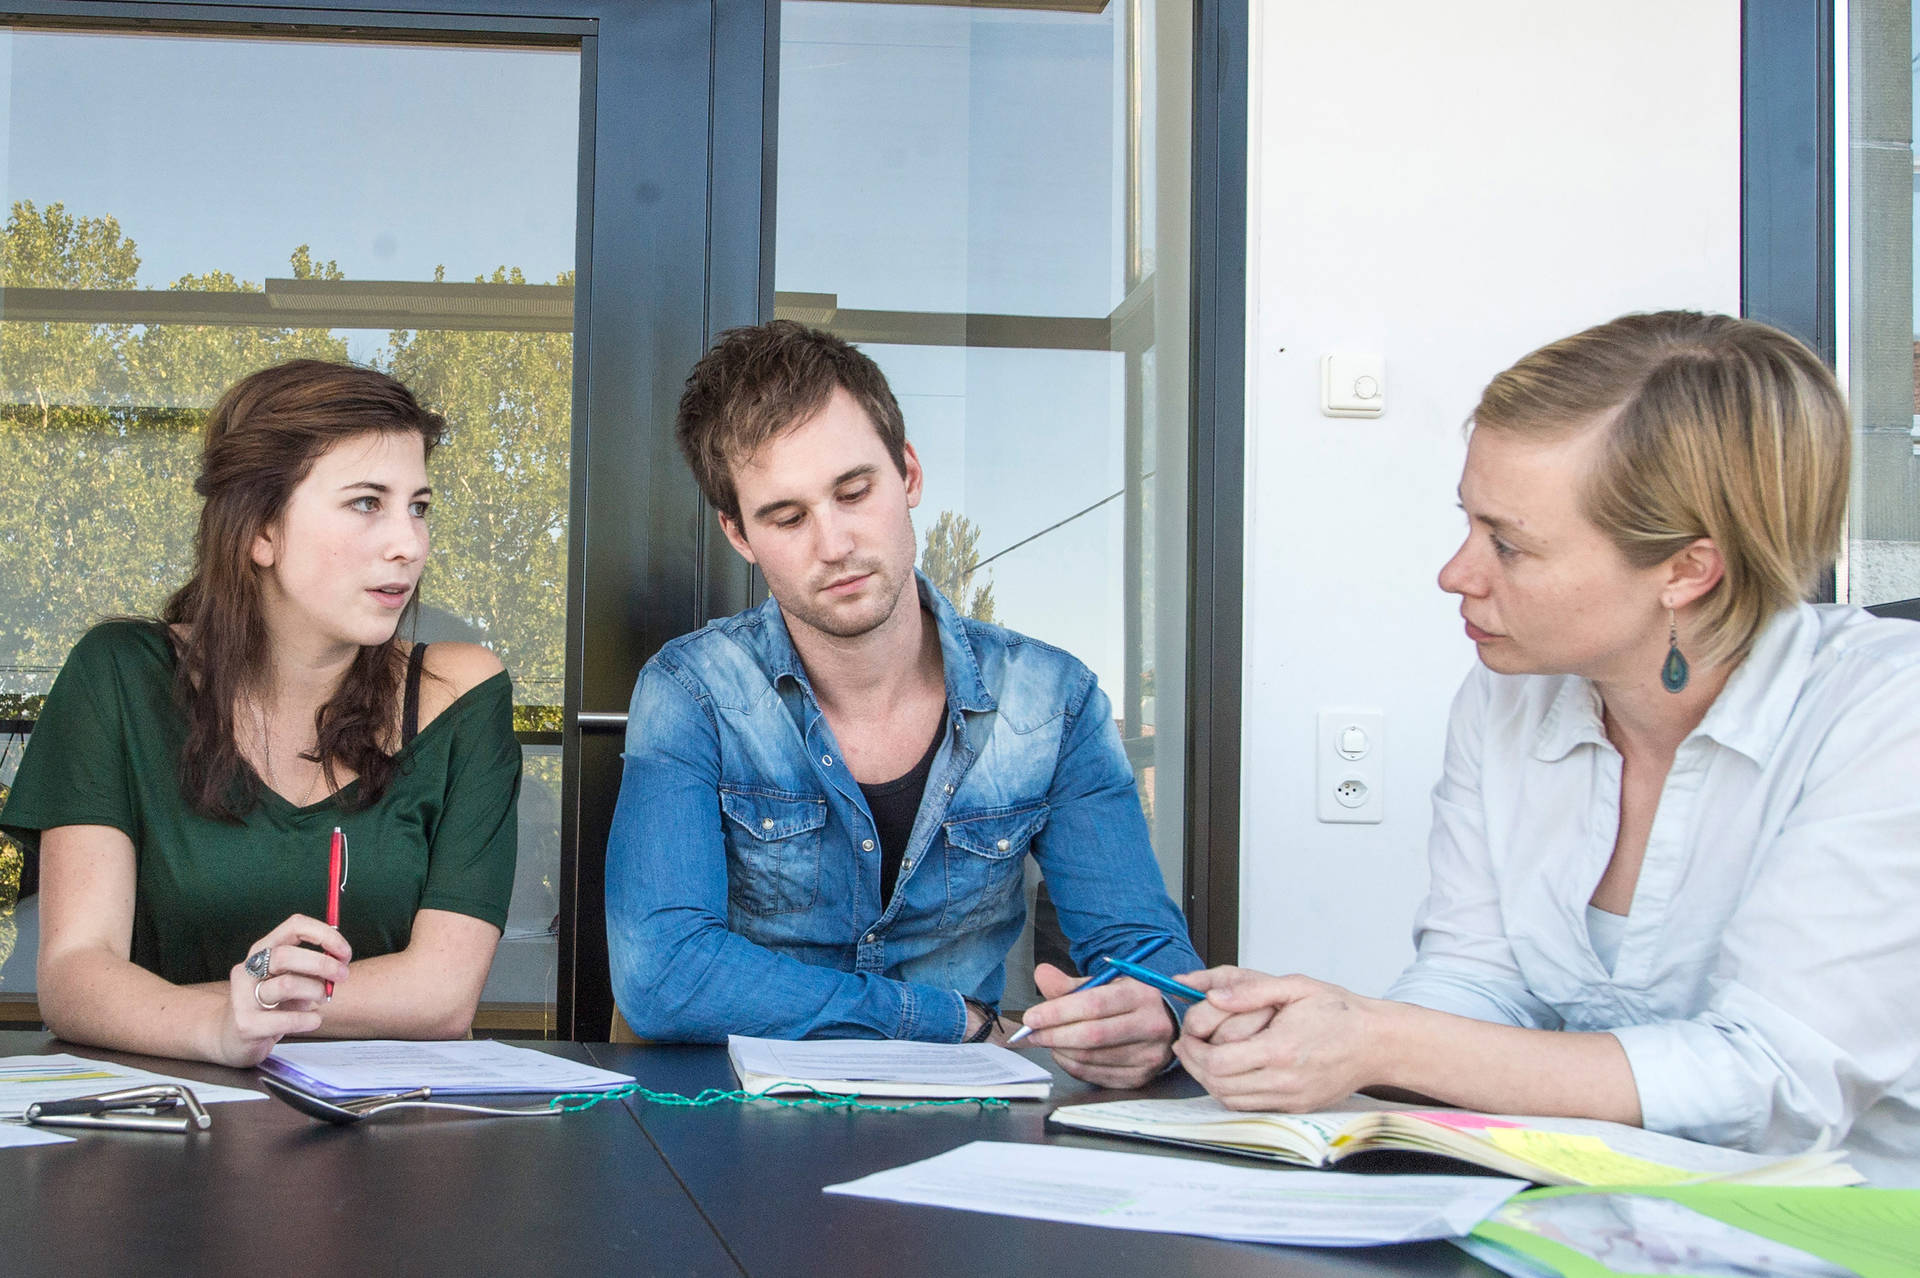 Bei ihren Einsätzen an den Schulen werden die Studierenden von Dozierenden der PHBern sowie von einer Mentorin oder einem Mentor vor Ort unterstützt.